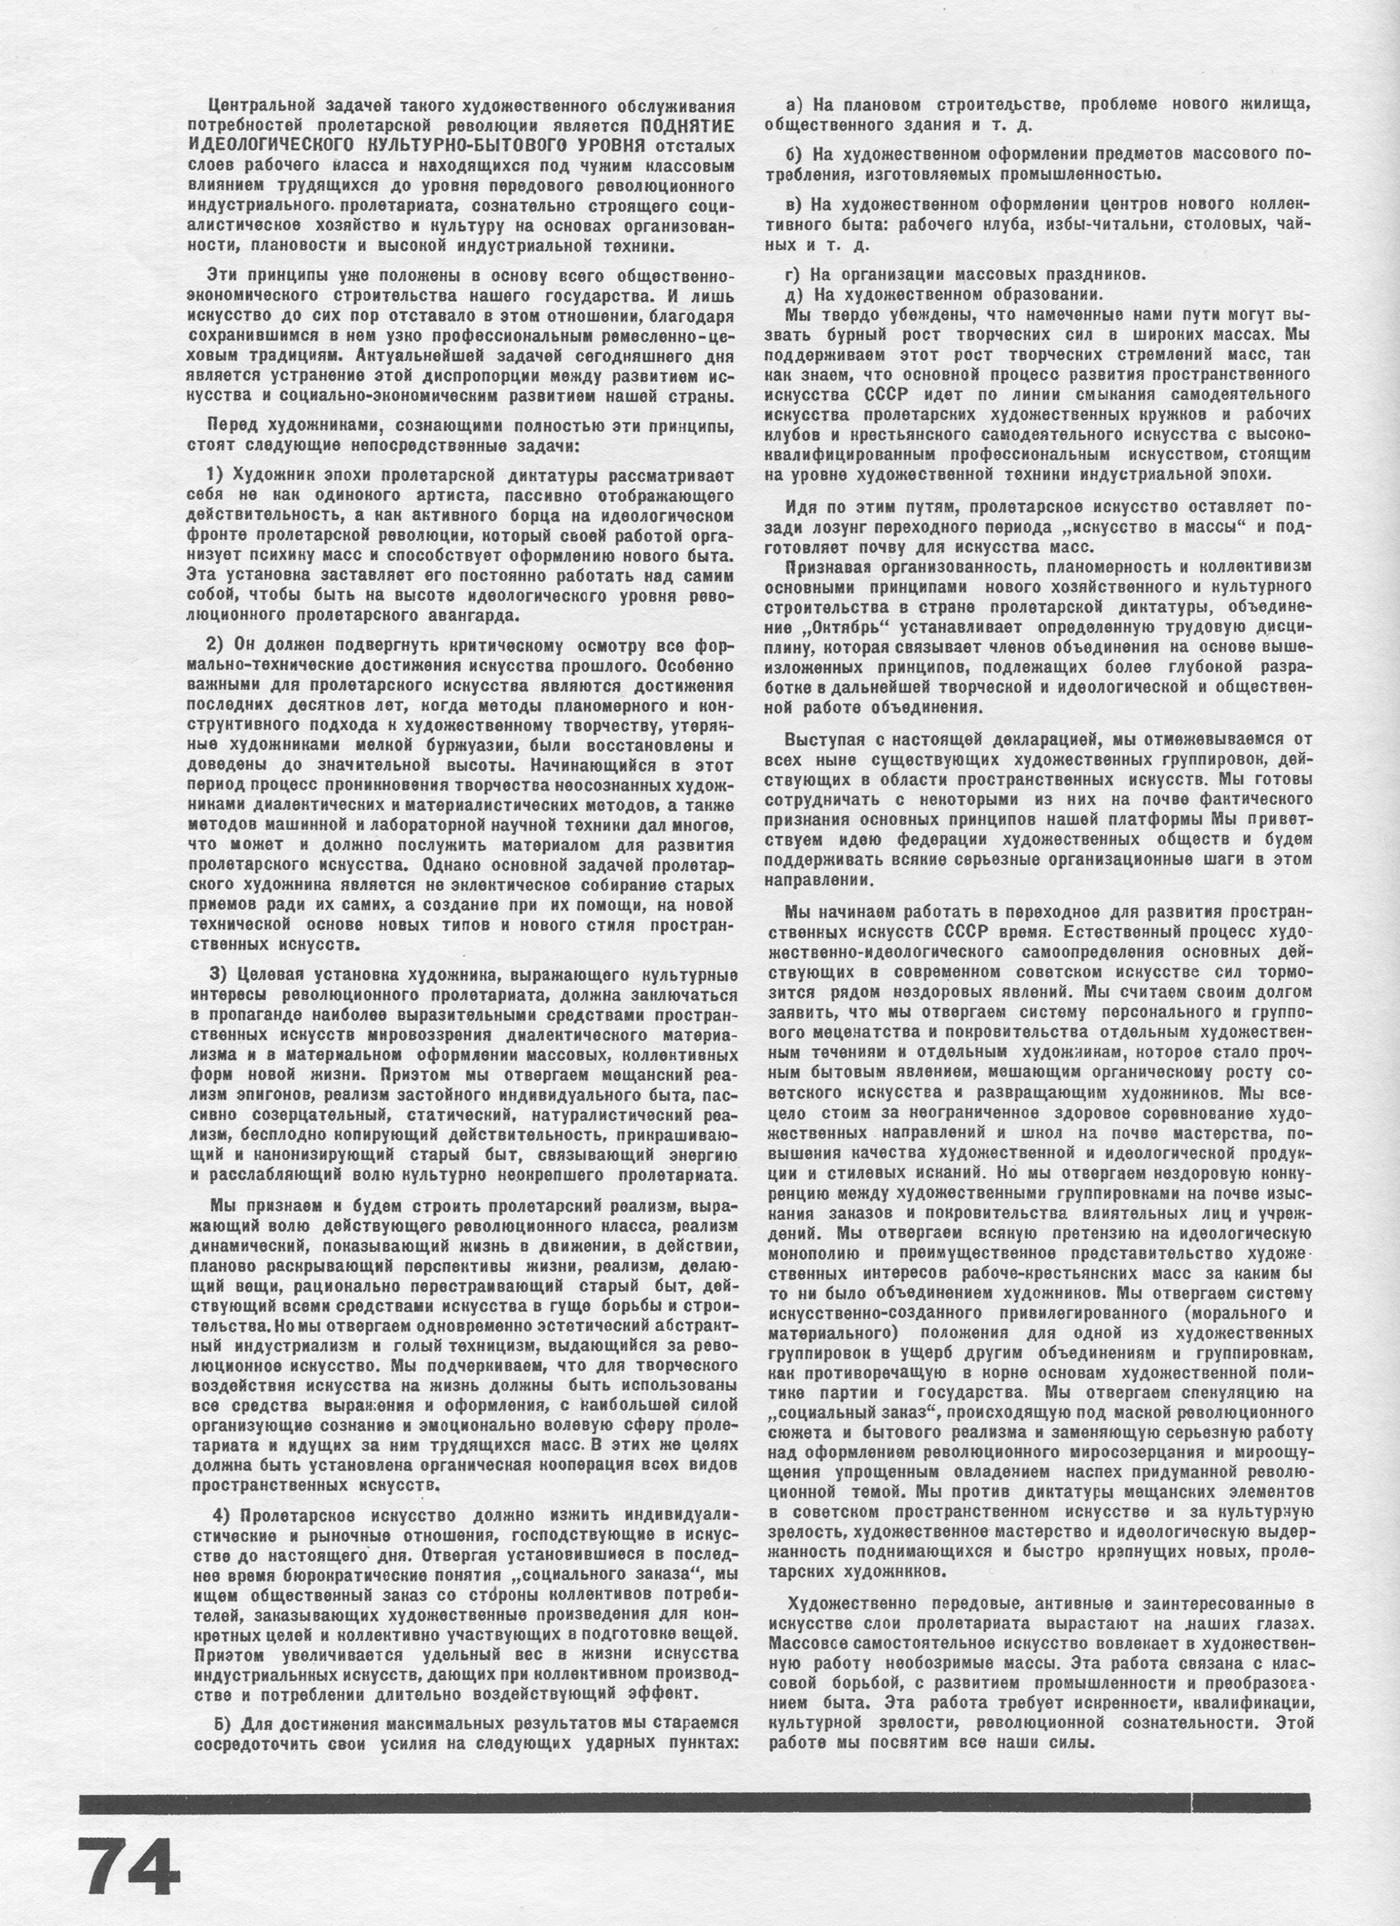 Больничный лист купить официально в Москве Бибирево сао